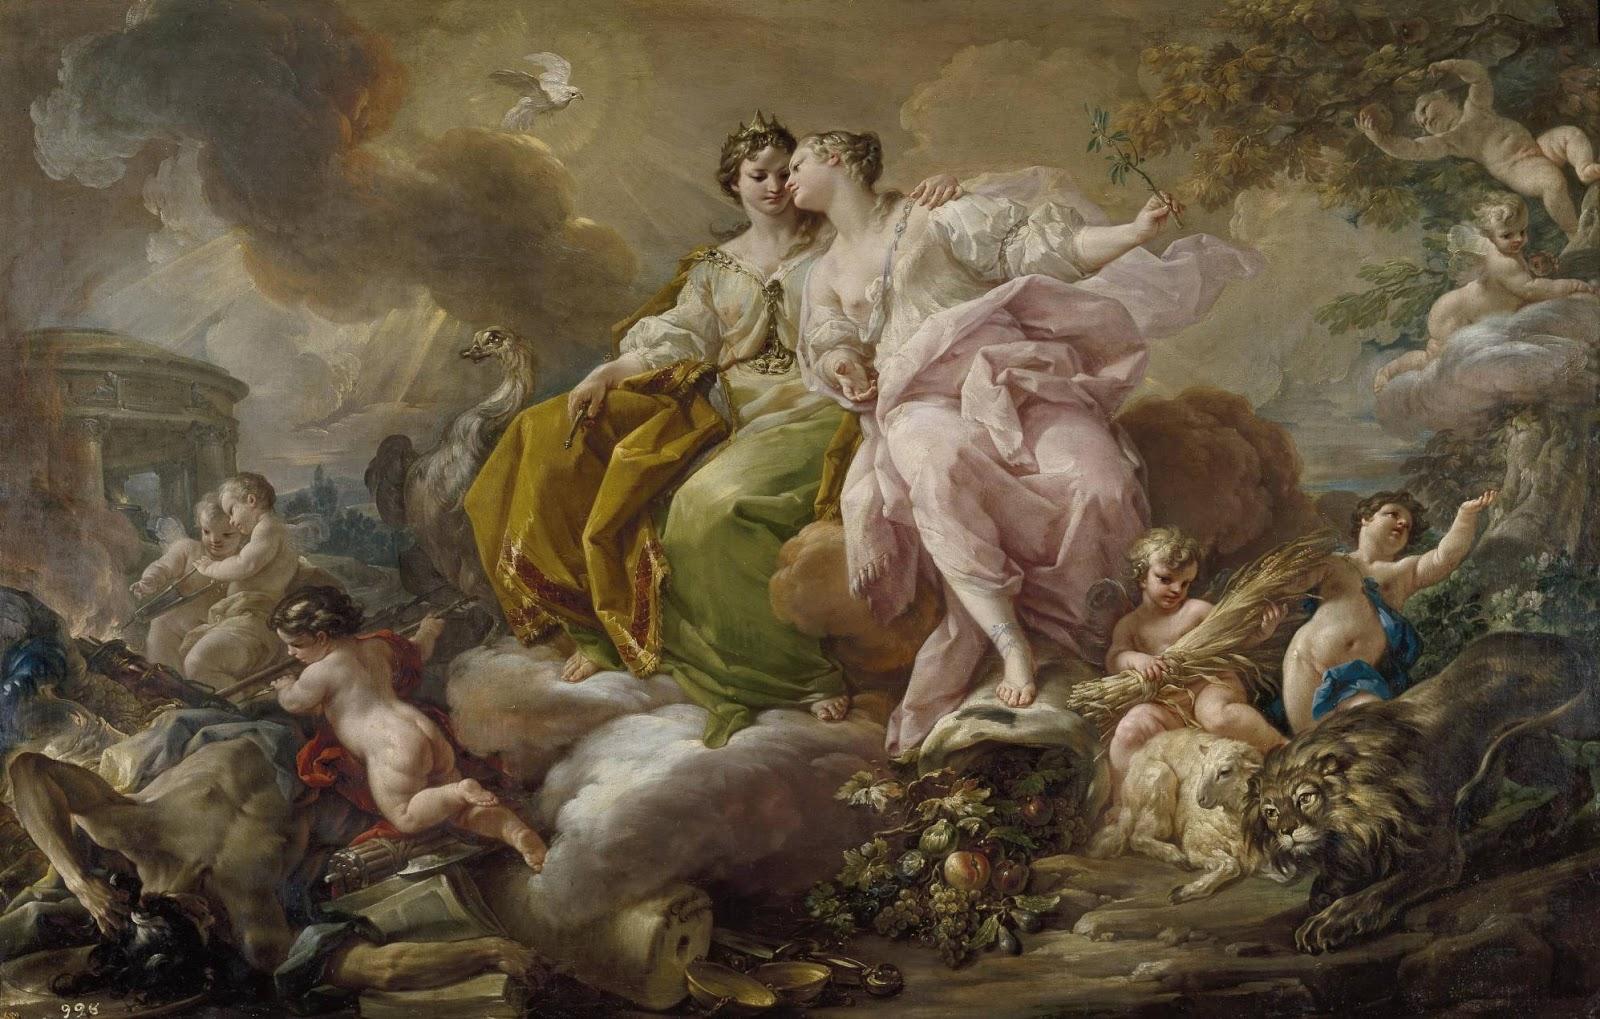 Giaquinto-Corrado-Allegory-Justice-Peace-1753-54-Prado